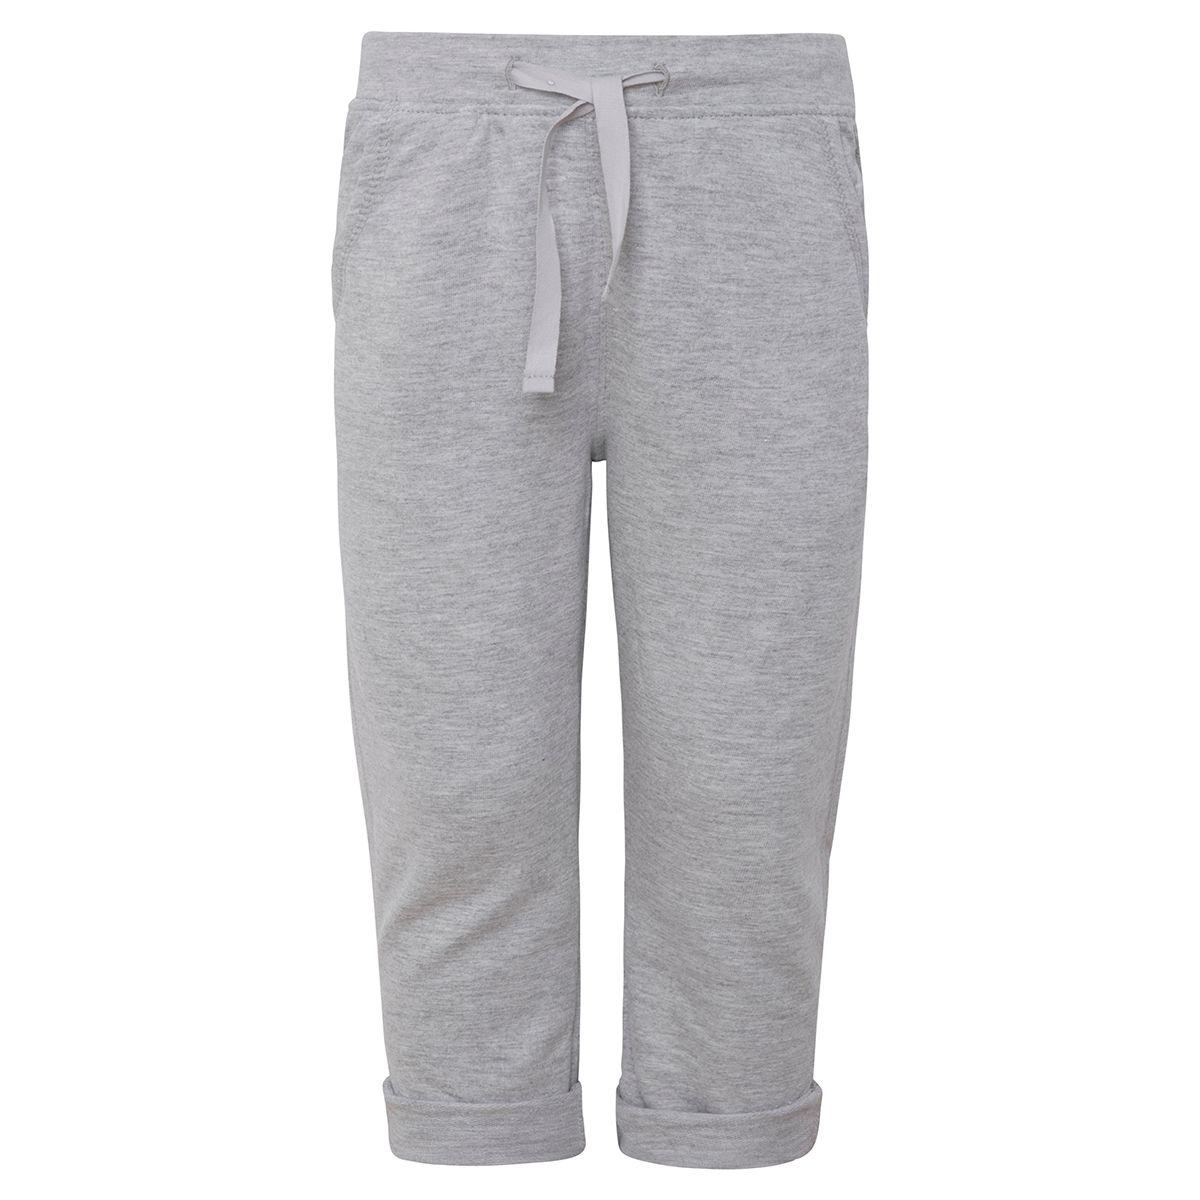 Pantalon byron garçon gris